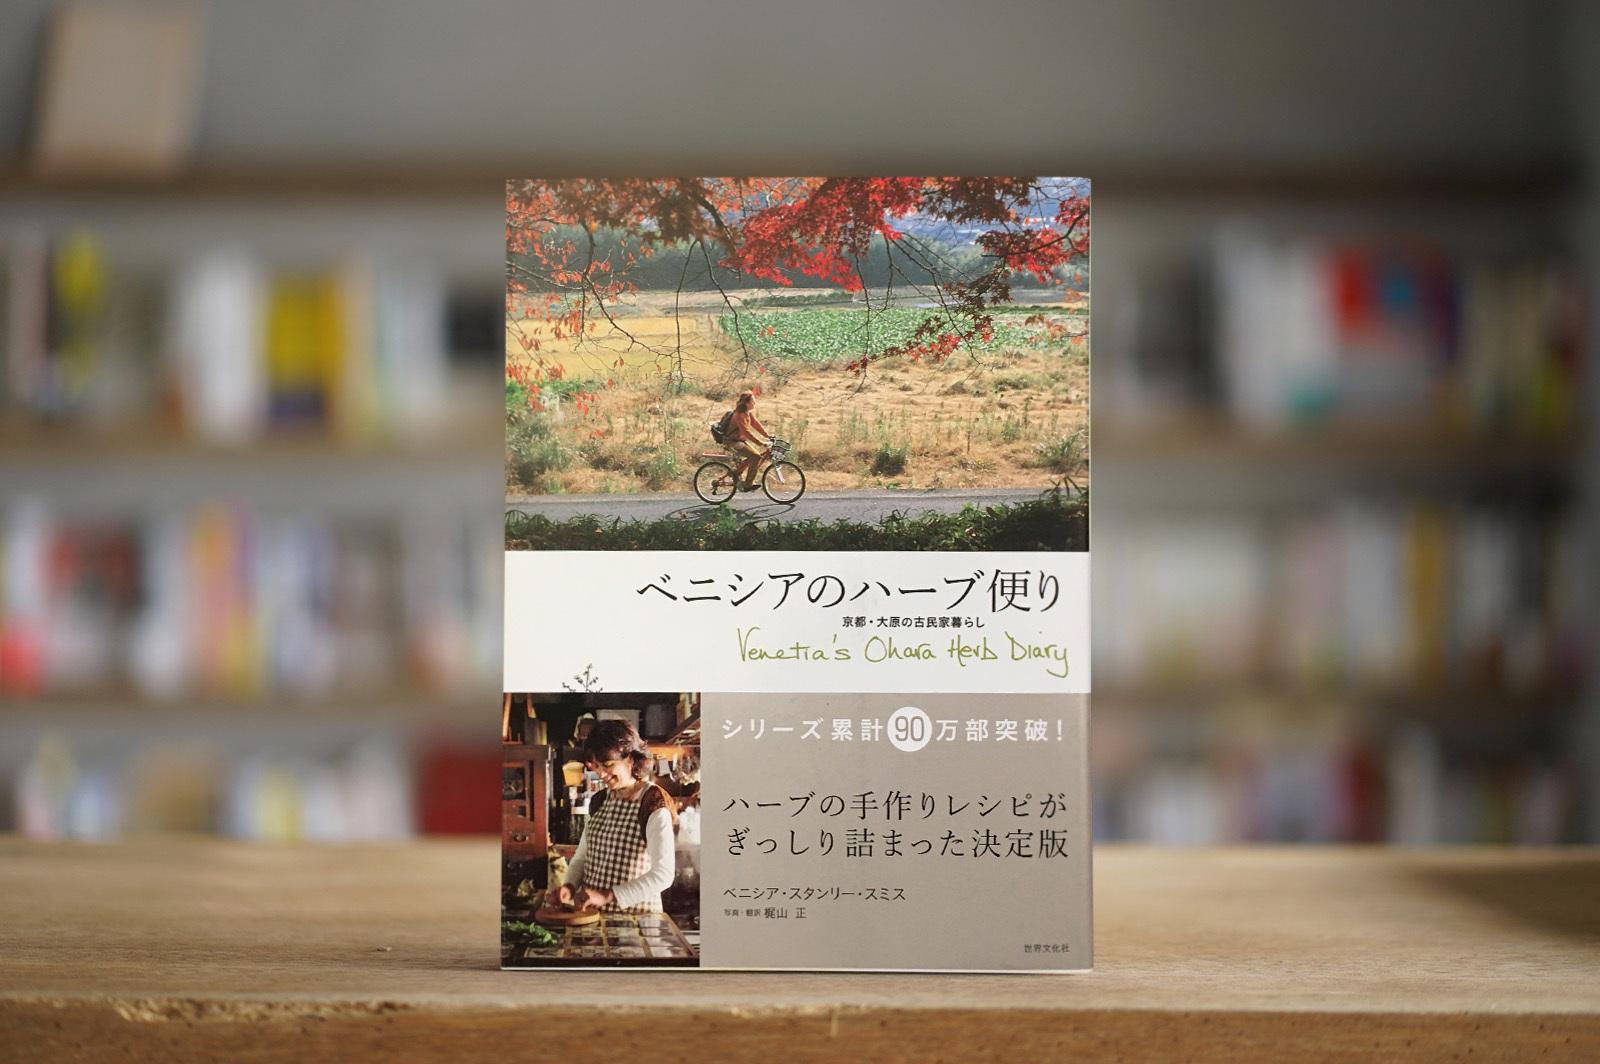 ベニシア・スタンリー・スミス 写真・訳:梶山正 『ベニシアのハーブ便り 京都・大原の古民家暮らし』 (世界文化社、2007)